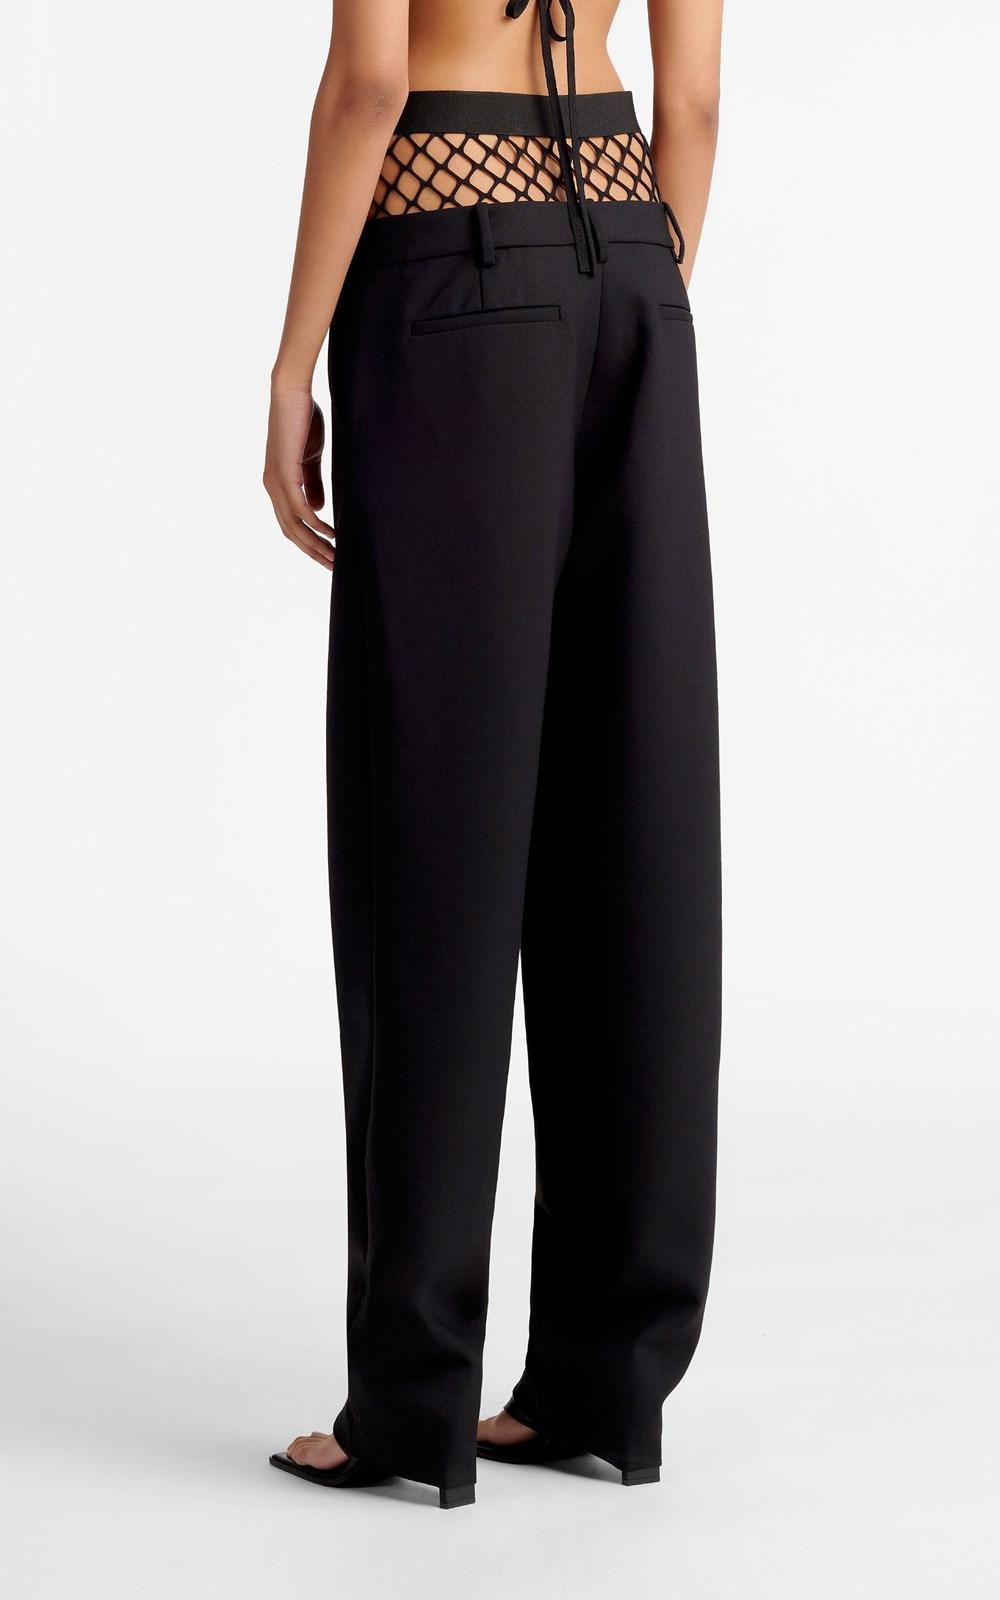 Pants | FISHNET TAILORED PANT